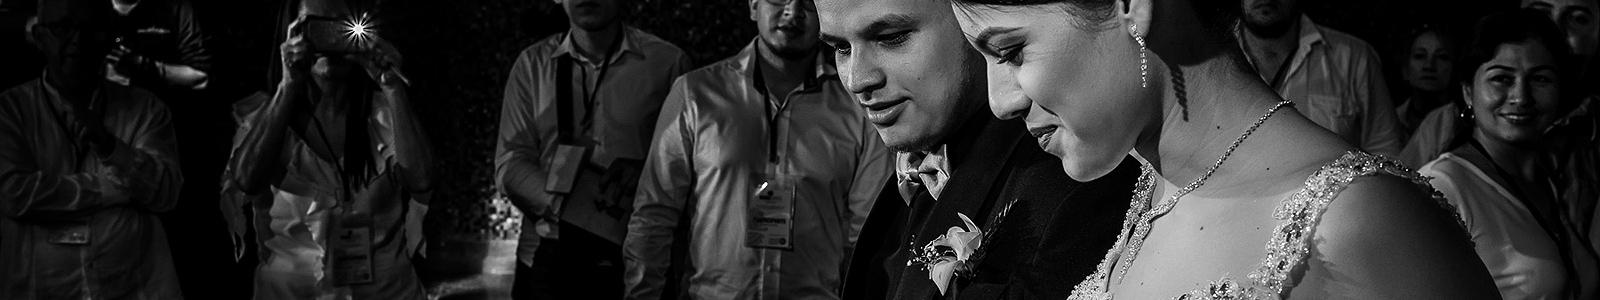 Fotografía de matrimonio en Colombia por Mariano Leiva Fotógrafo